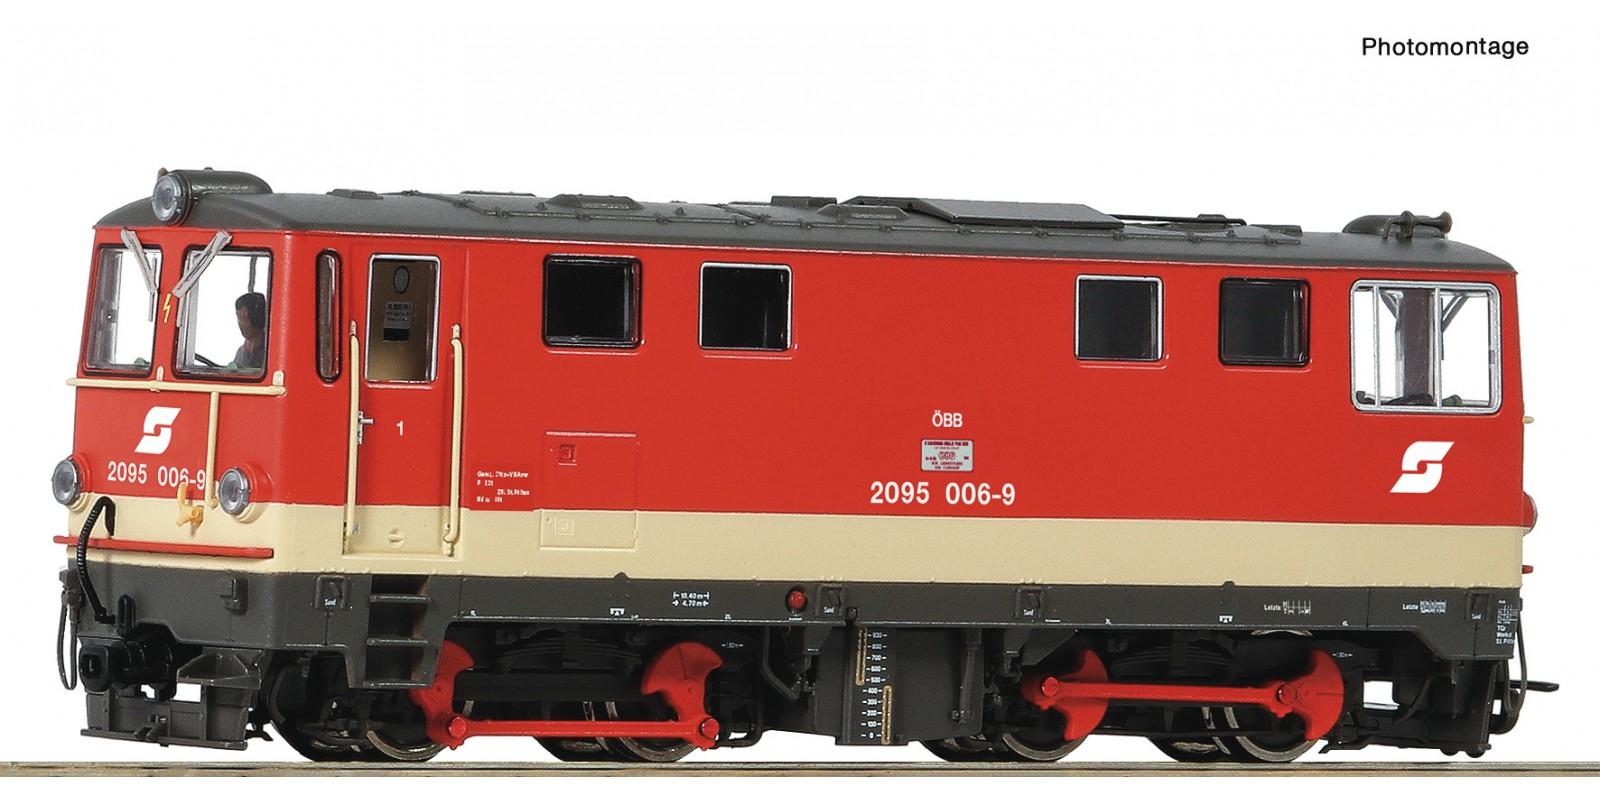 RO33299 - Diesel locomotive 2095 006-9, ÖBB